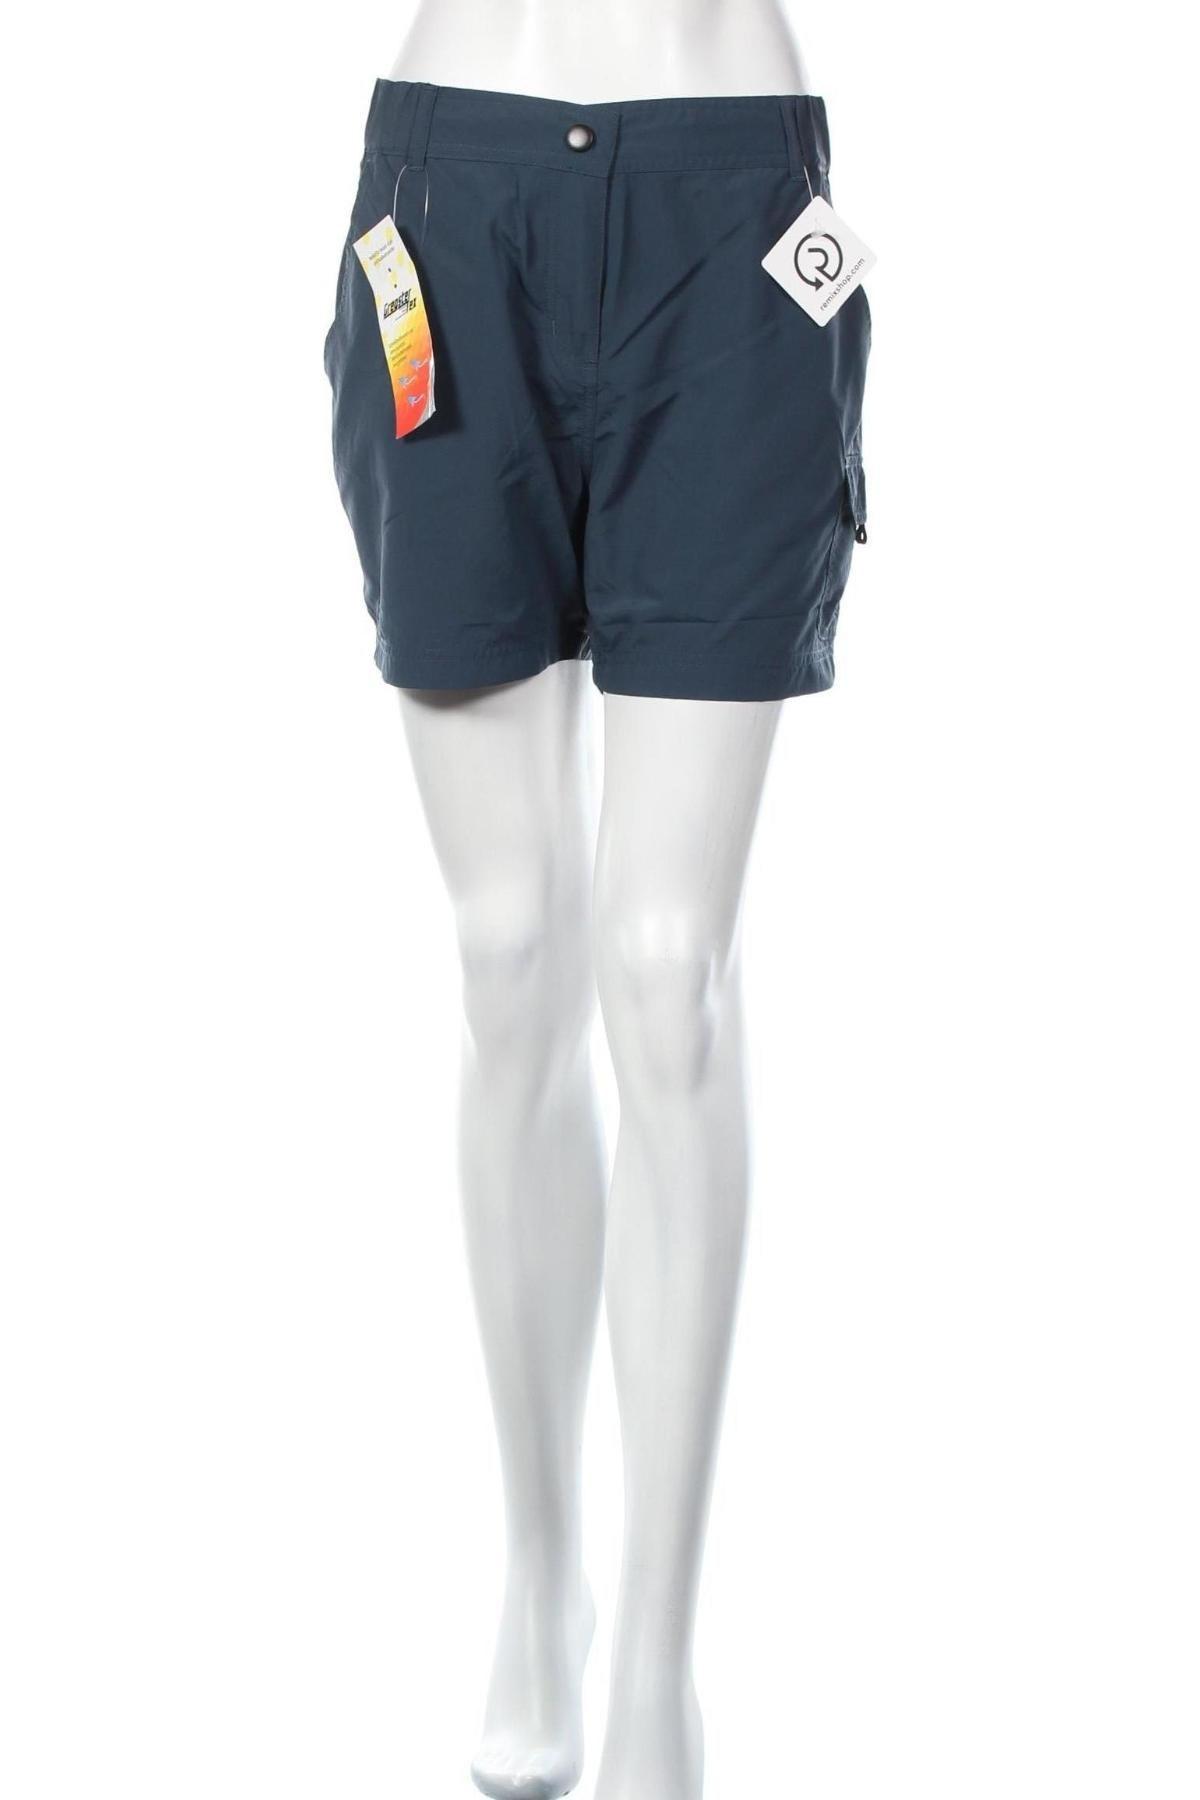 Дамски къс панталон Gregster, Размер XL, Цвят Син, Полиамид, Цена 3,04лв.